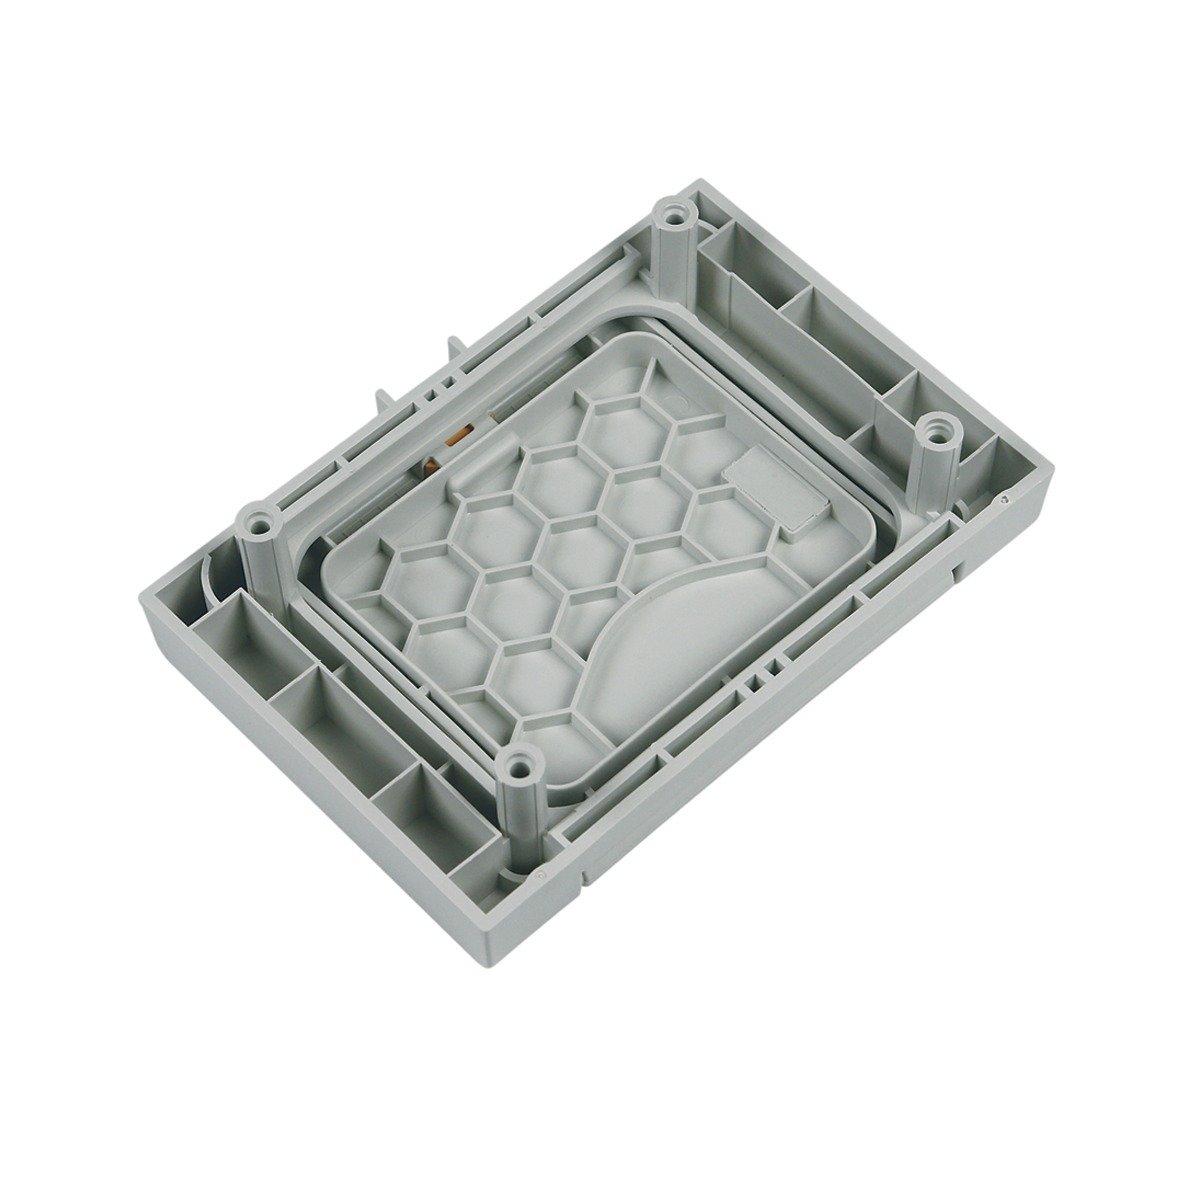 Salzverschlussdeckel Deckel Enthärterkappe Spülmaschine Miele 5943082 ORIGINAL